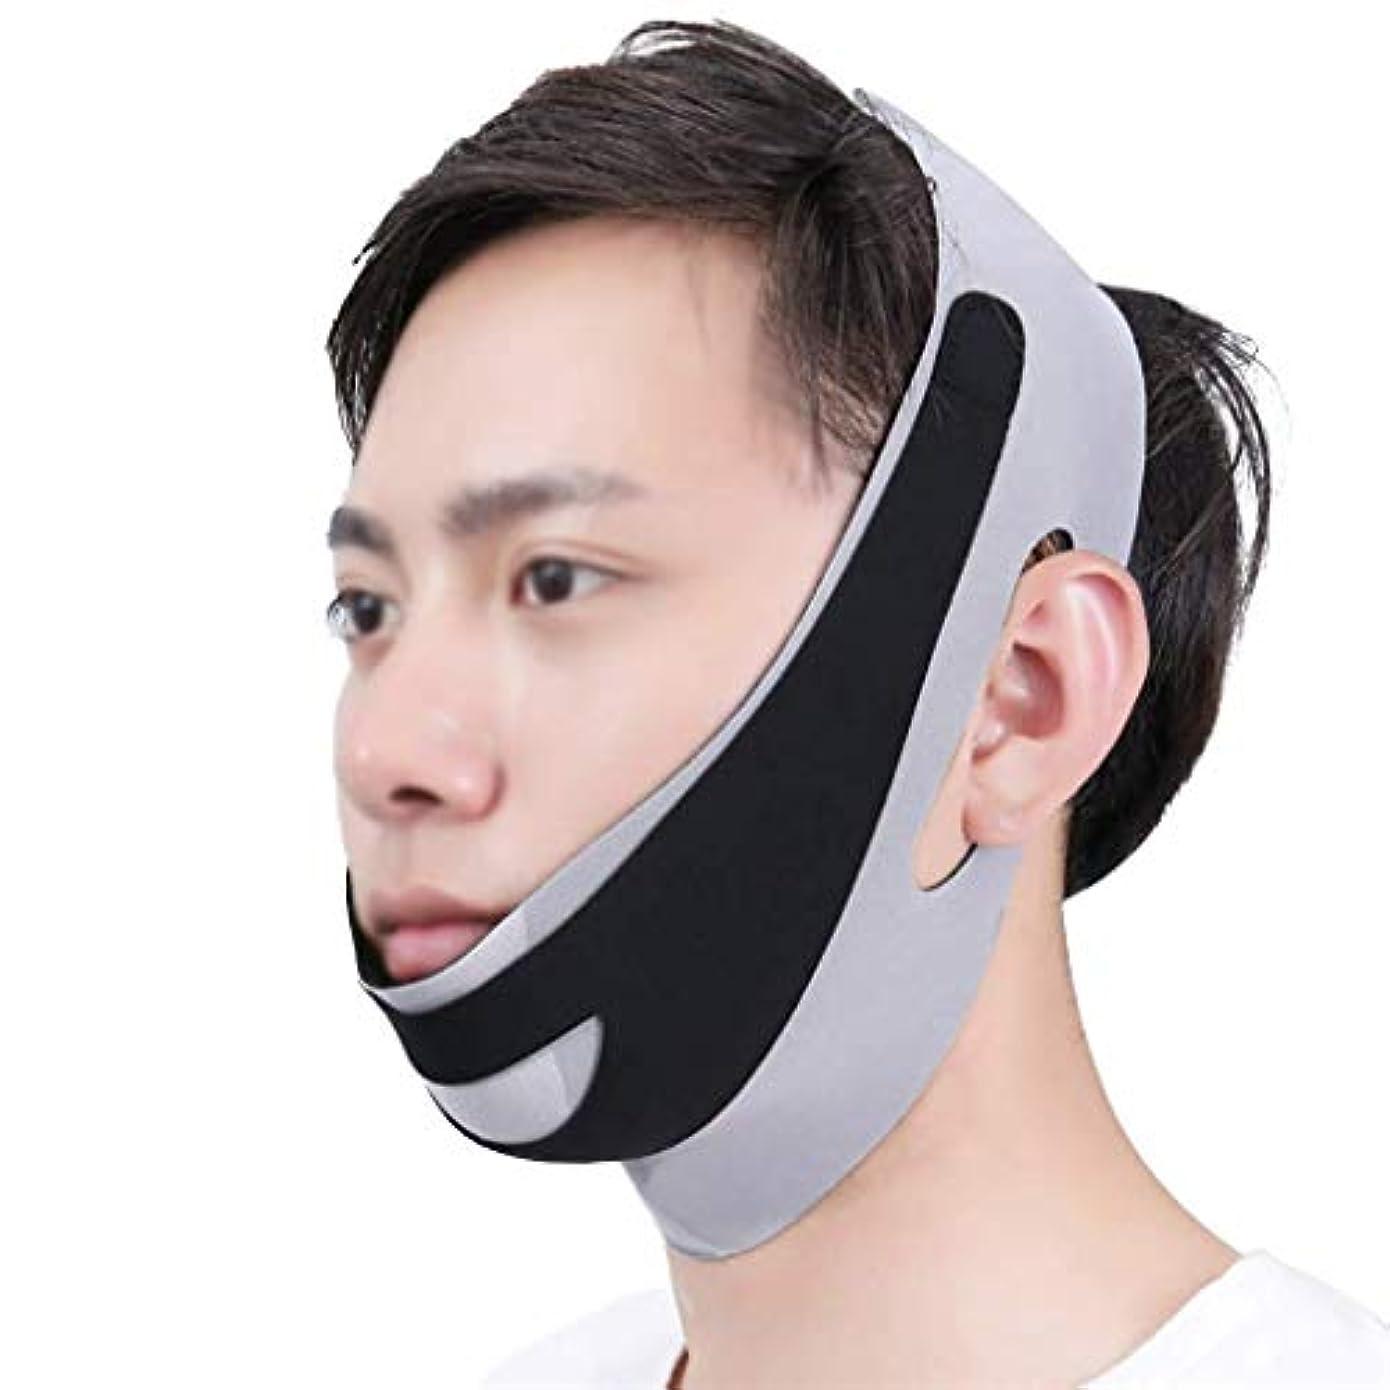 主張する統合するはっきりしない顔と首のリフト術後の弾性フェイスマスク小さなV顔アーティファクト薄い顔包帯アーティファクトV顔ぶら下げ耳リフティング引き締め男性の顔アーティファクト